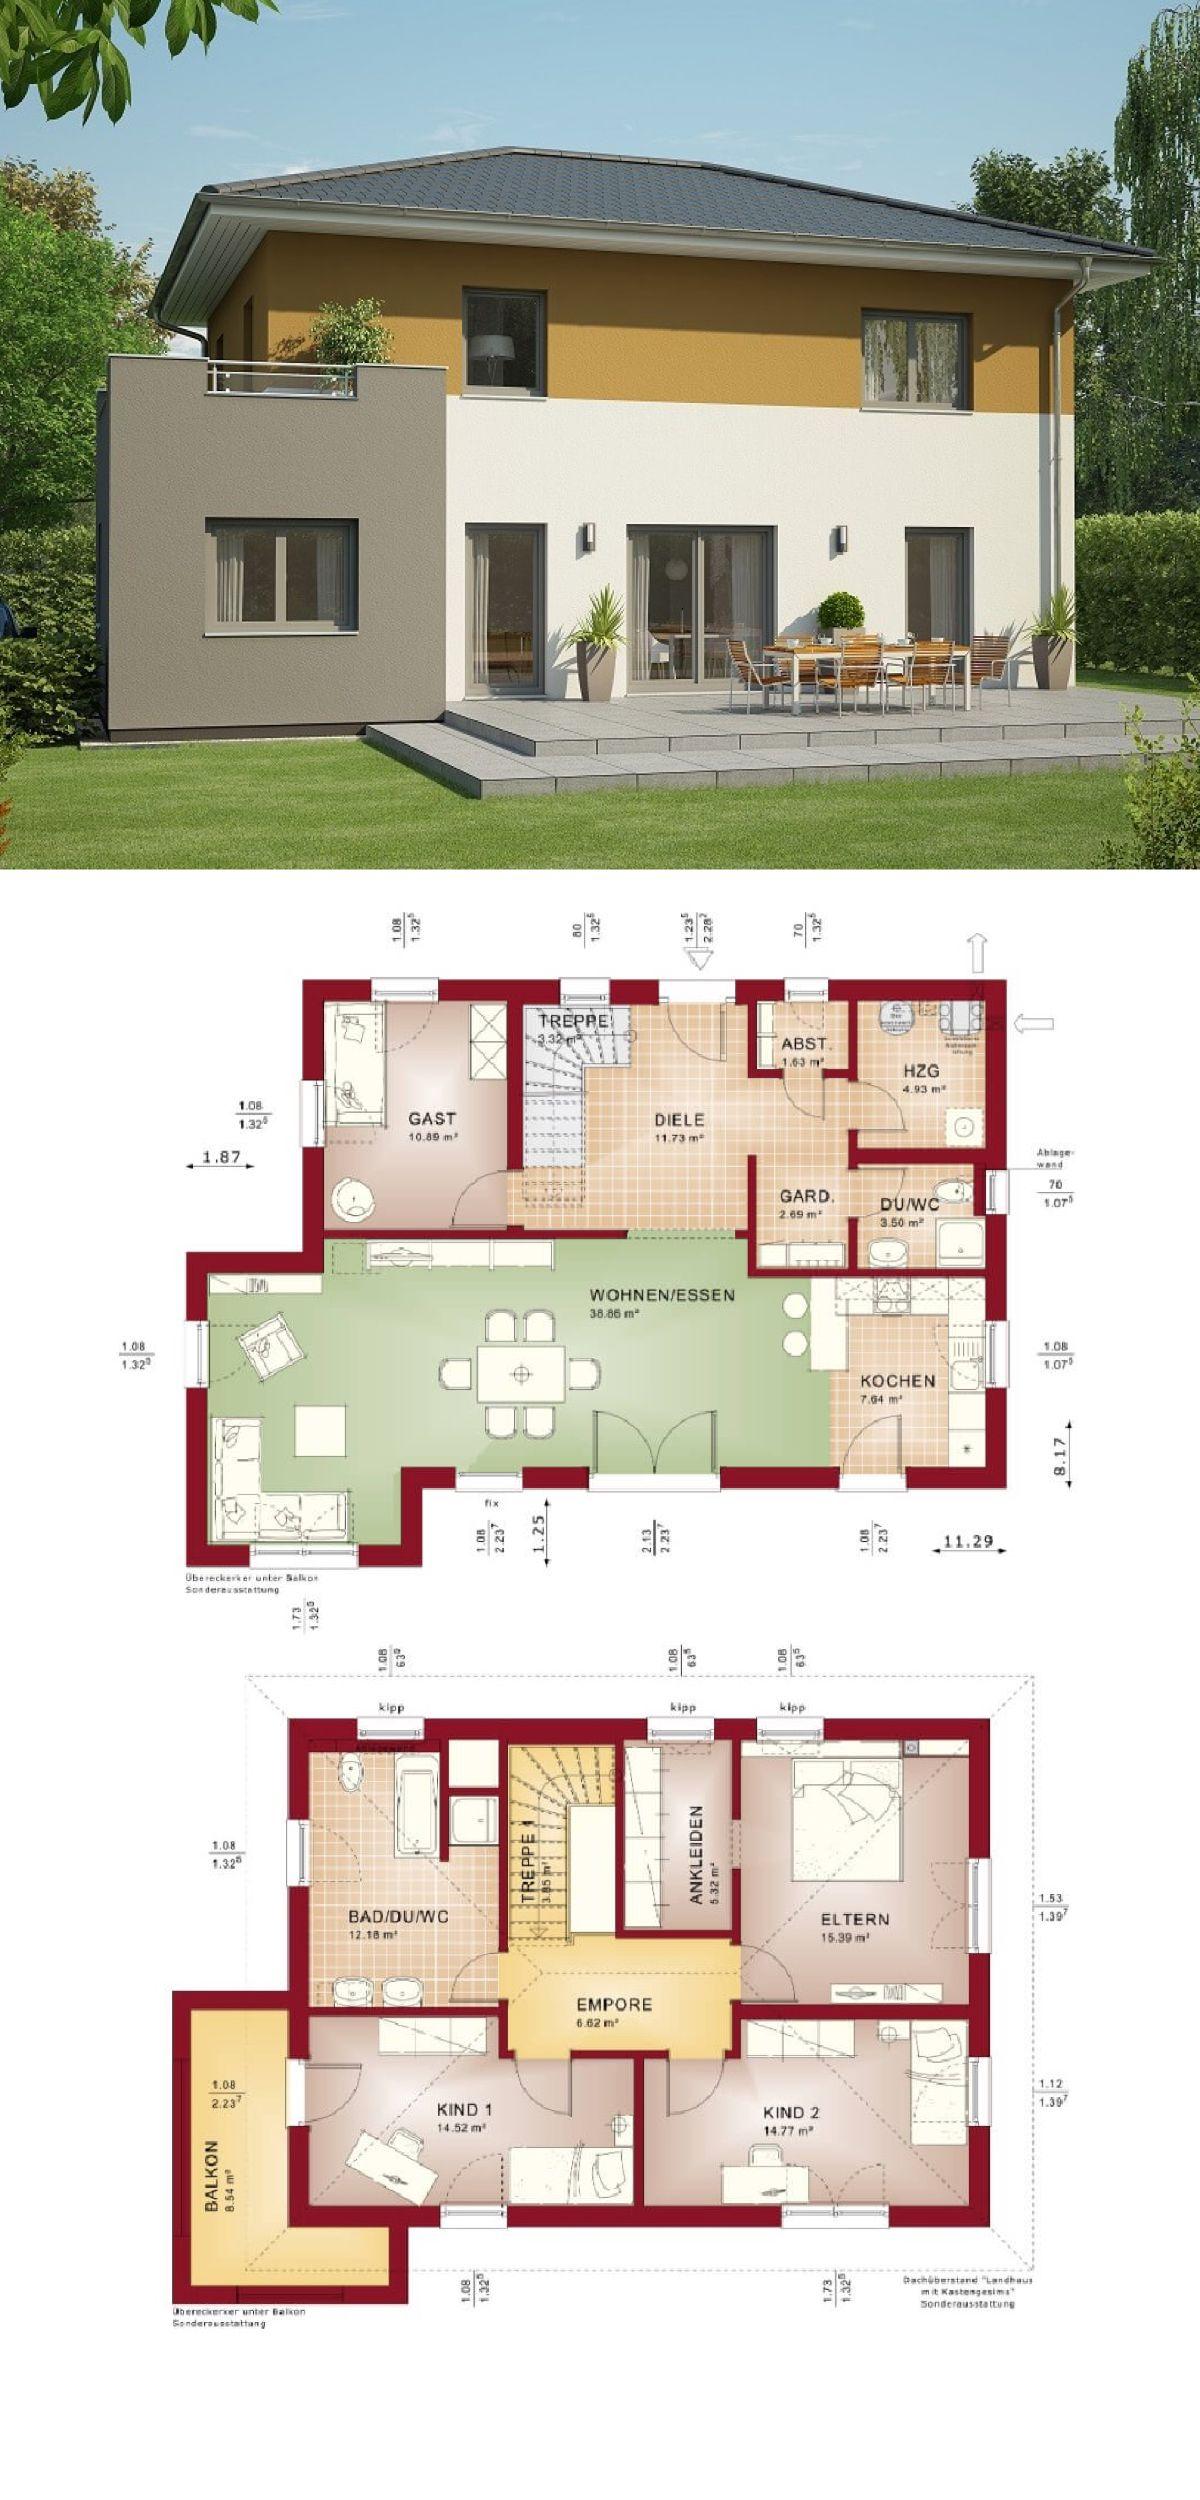 Blickfang Haus Anbau Das Beste Von Stadtvilla Modern Mit Walmdach Und Erker -